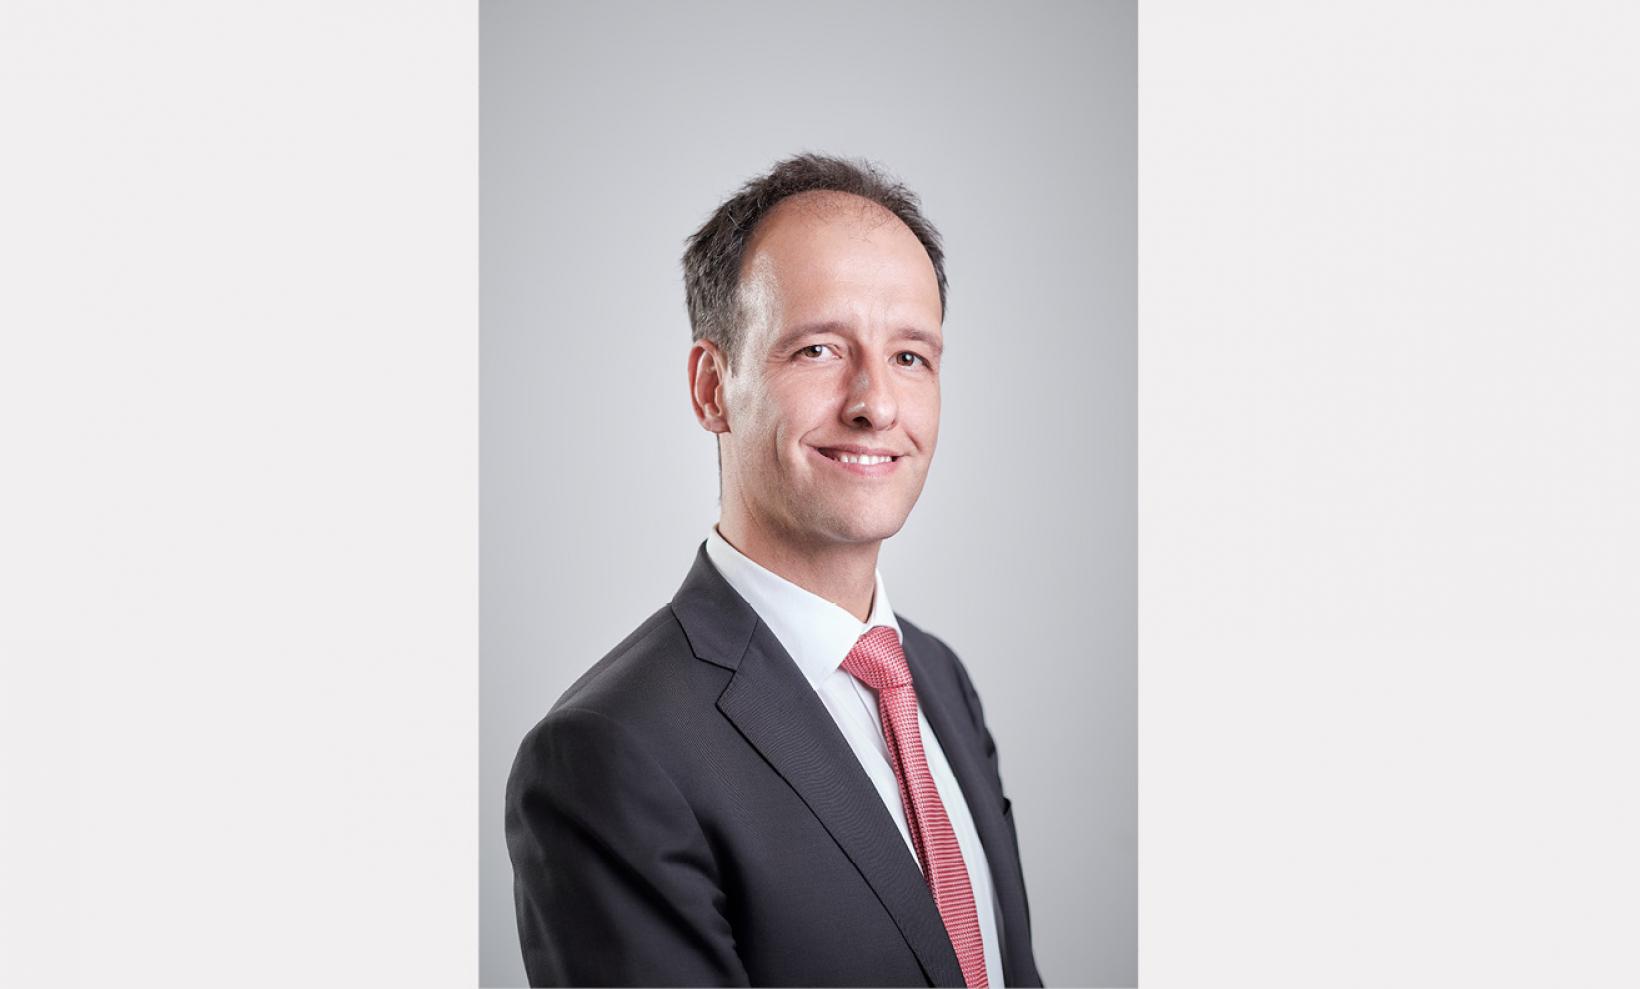 Rodrigo da Costa, Executive Director of the European GNSS Agency